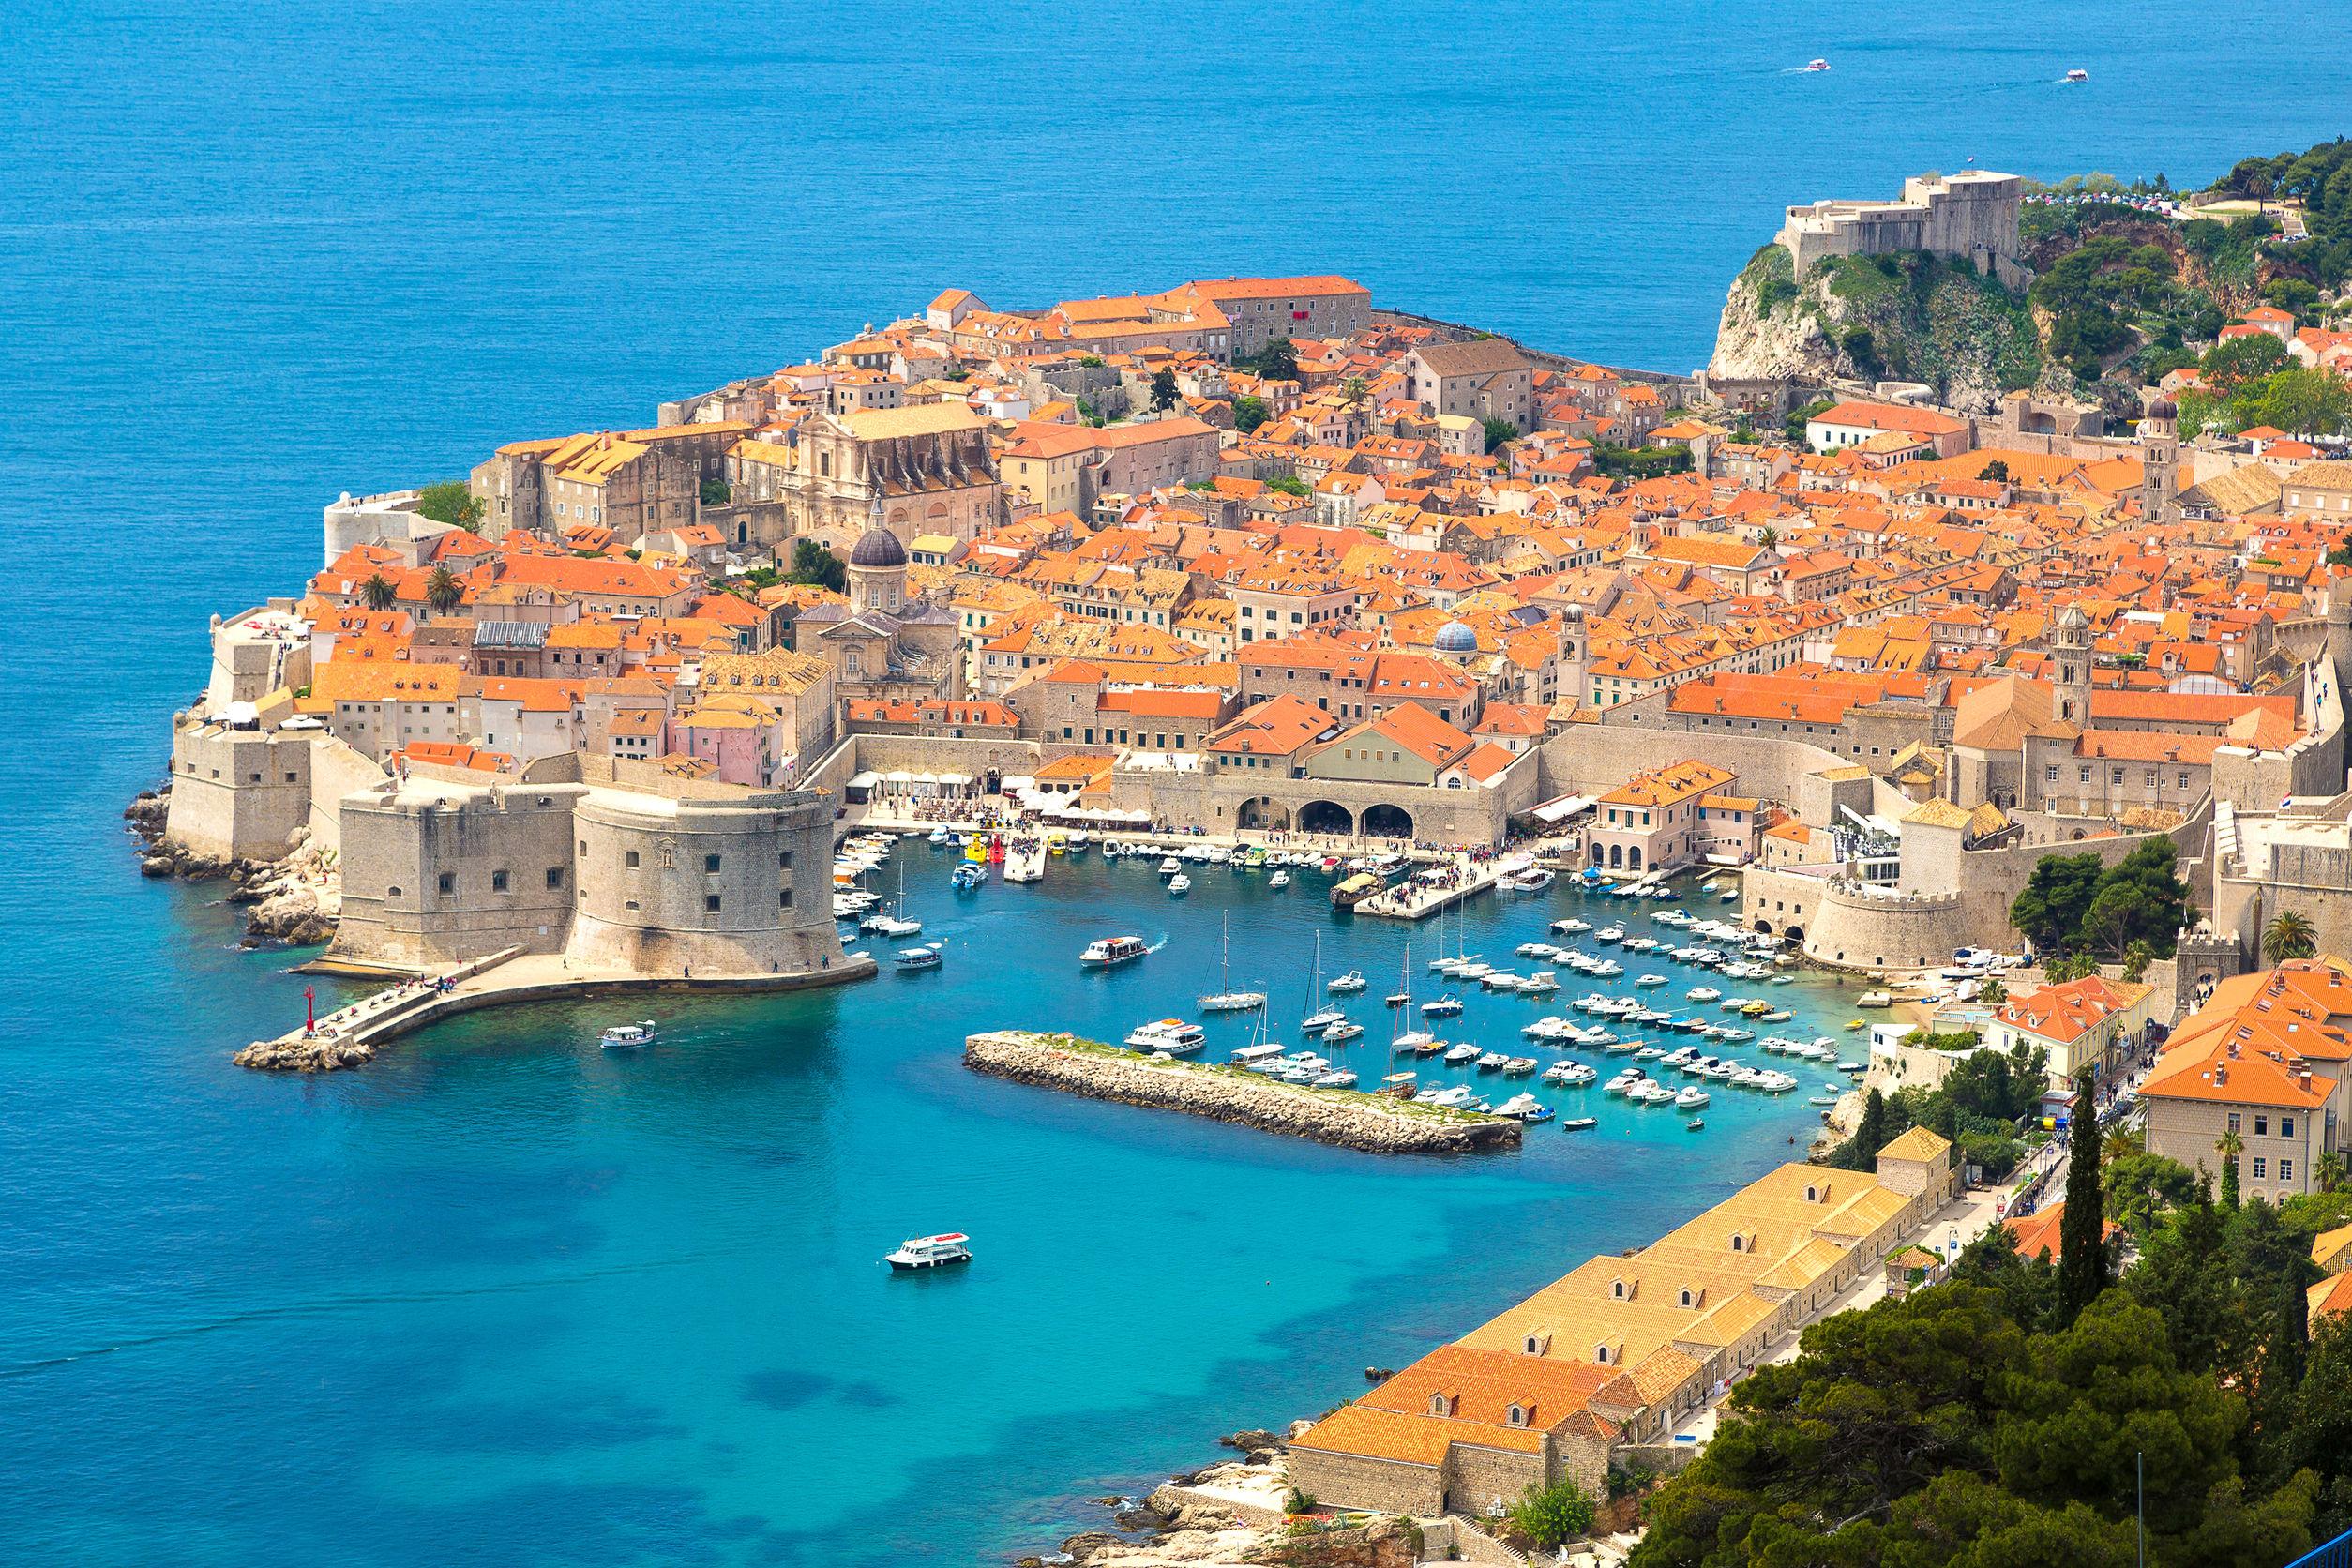 Städtereise Dubrovnik: Empfehlungen und Vergleich (09/21)